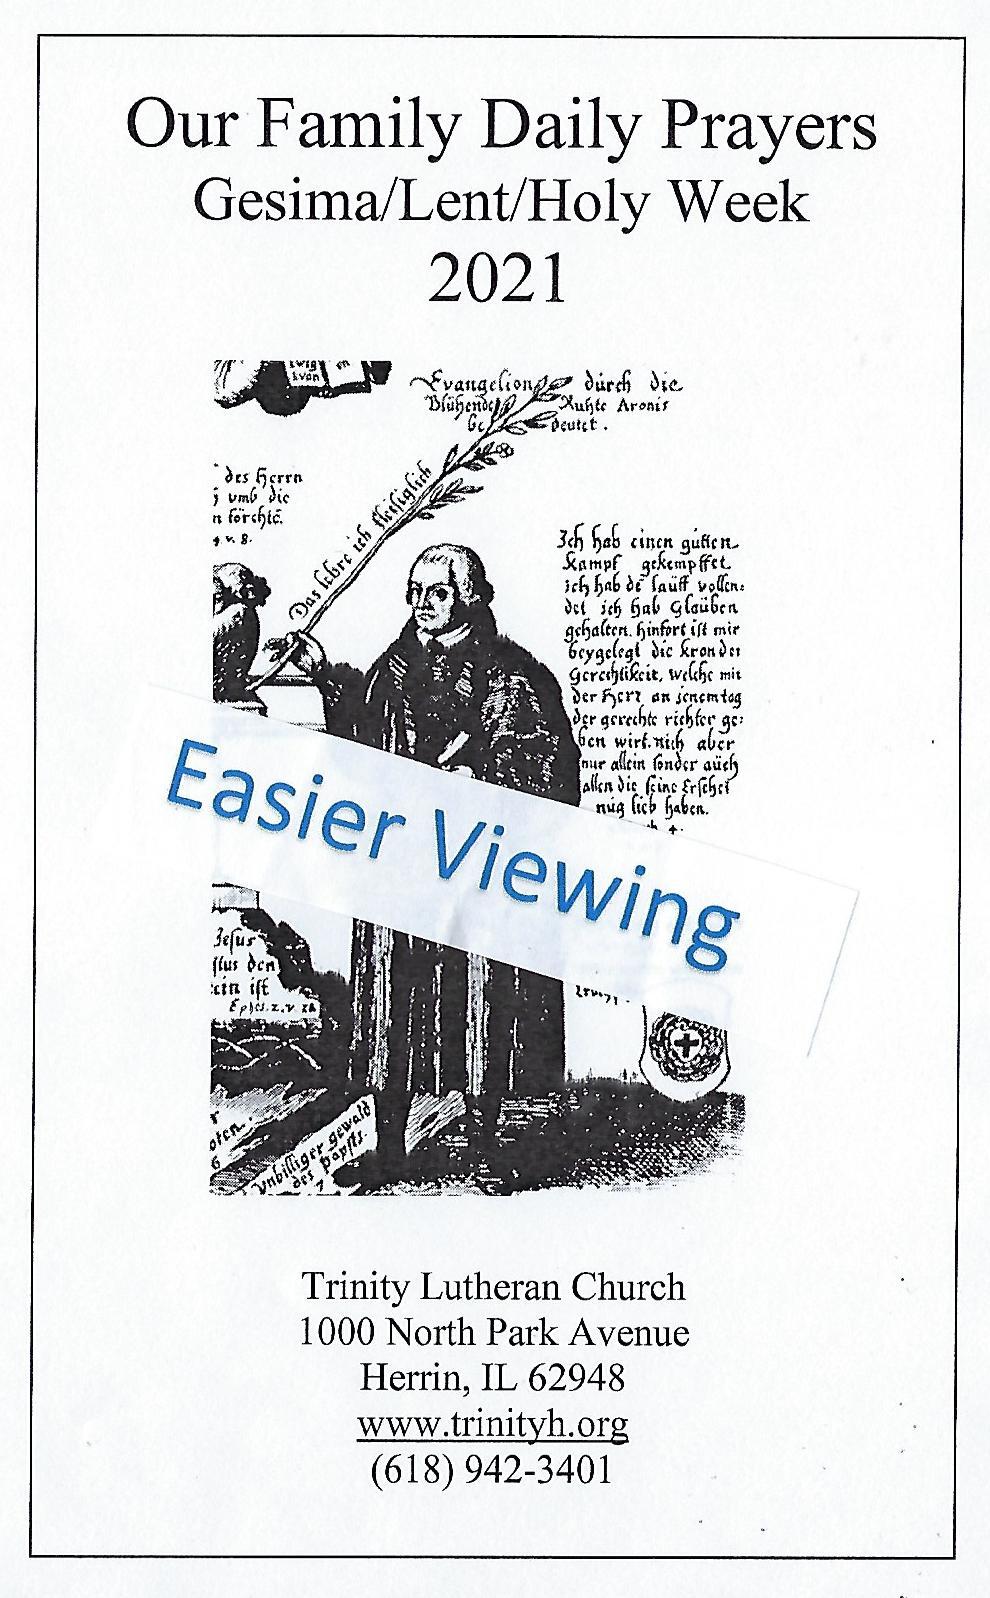 OFDP Gesima 2021 Easier Viewing printing